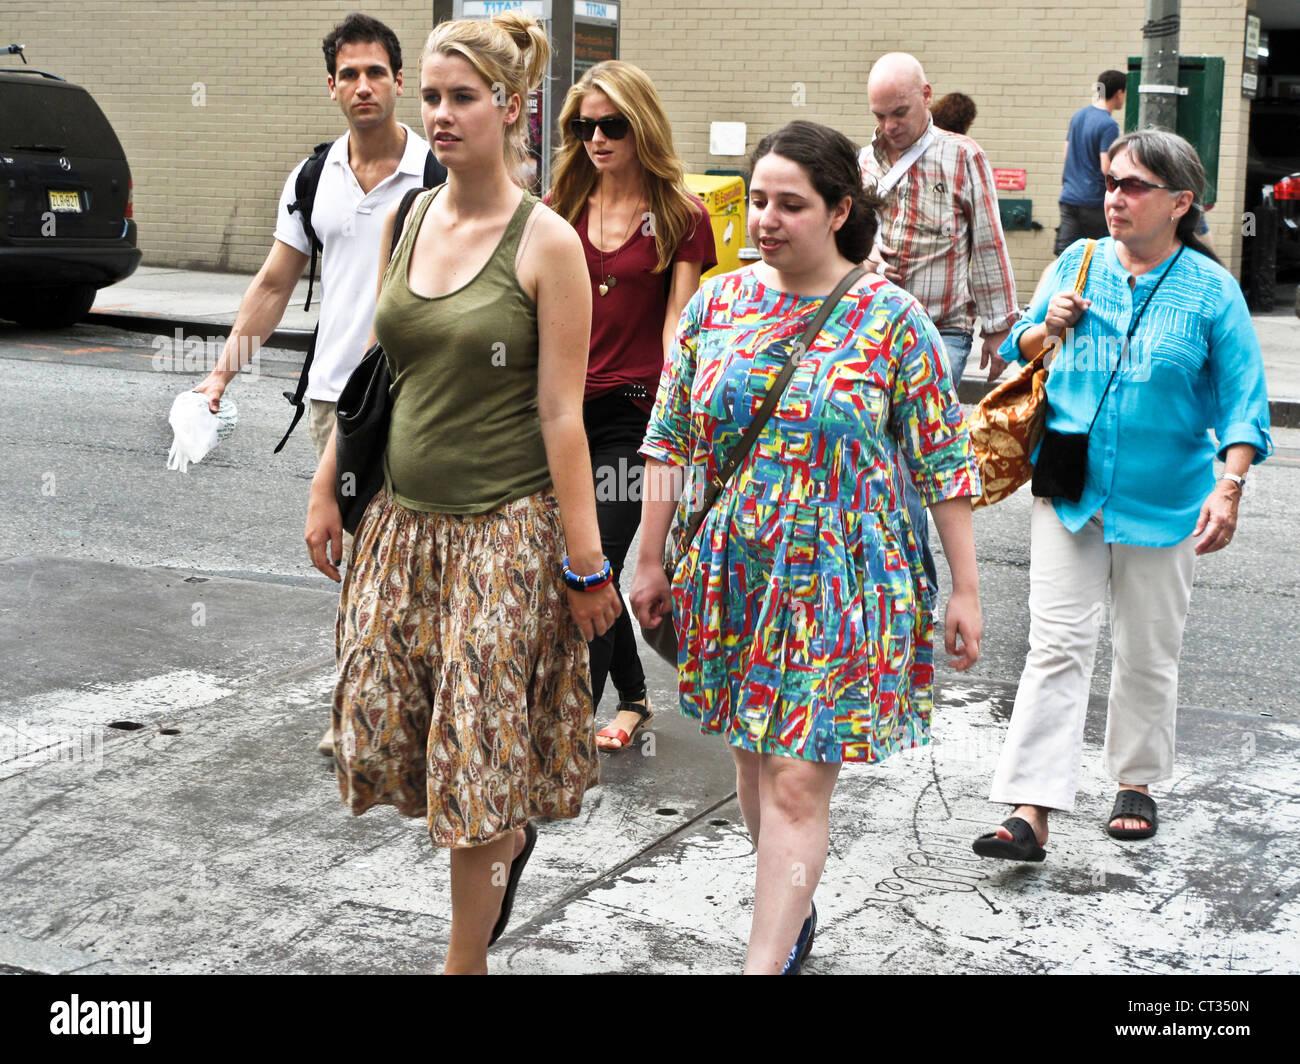 Grupo de turistas peatones cruzar la calle 51 con la octava avenida en los calurosos días de verano en Midtown, Imagen De Stock